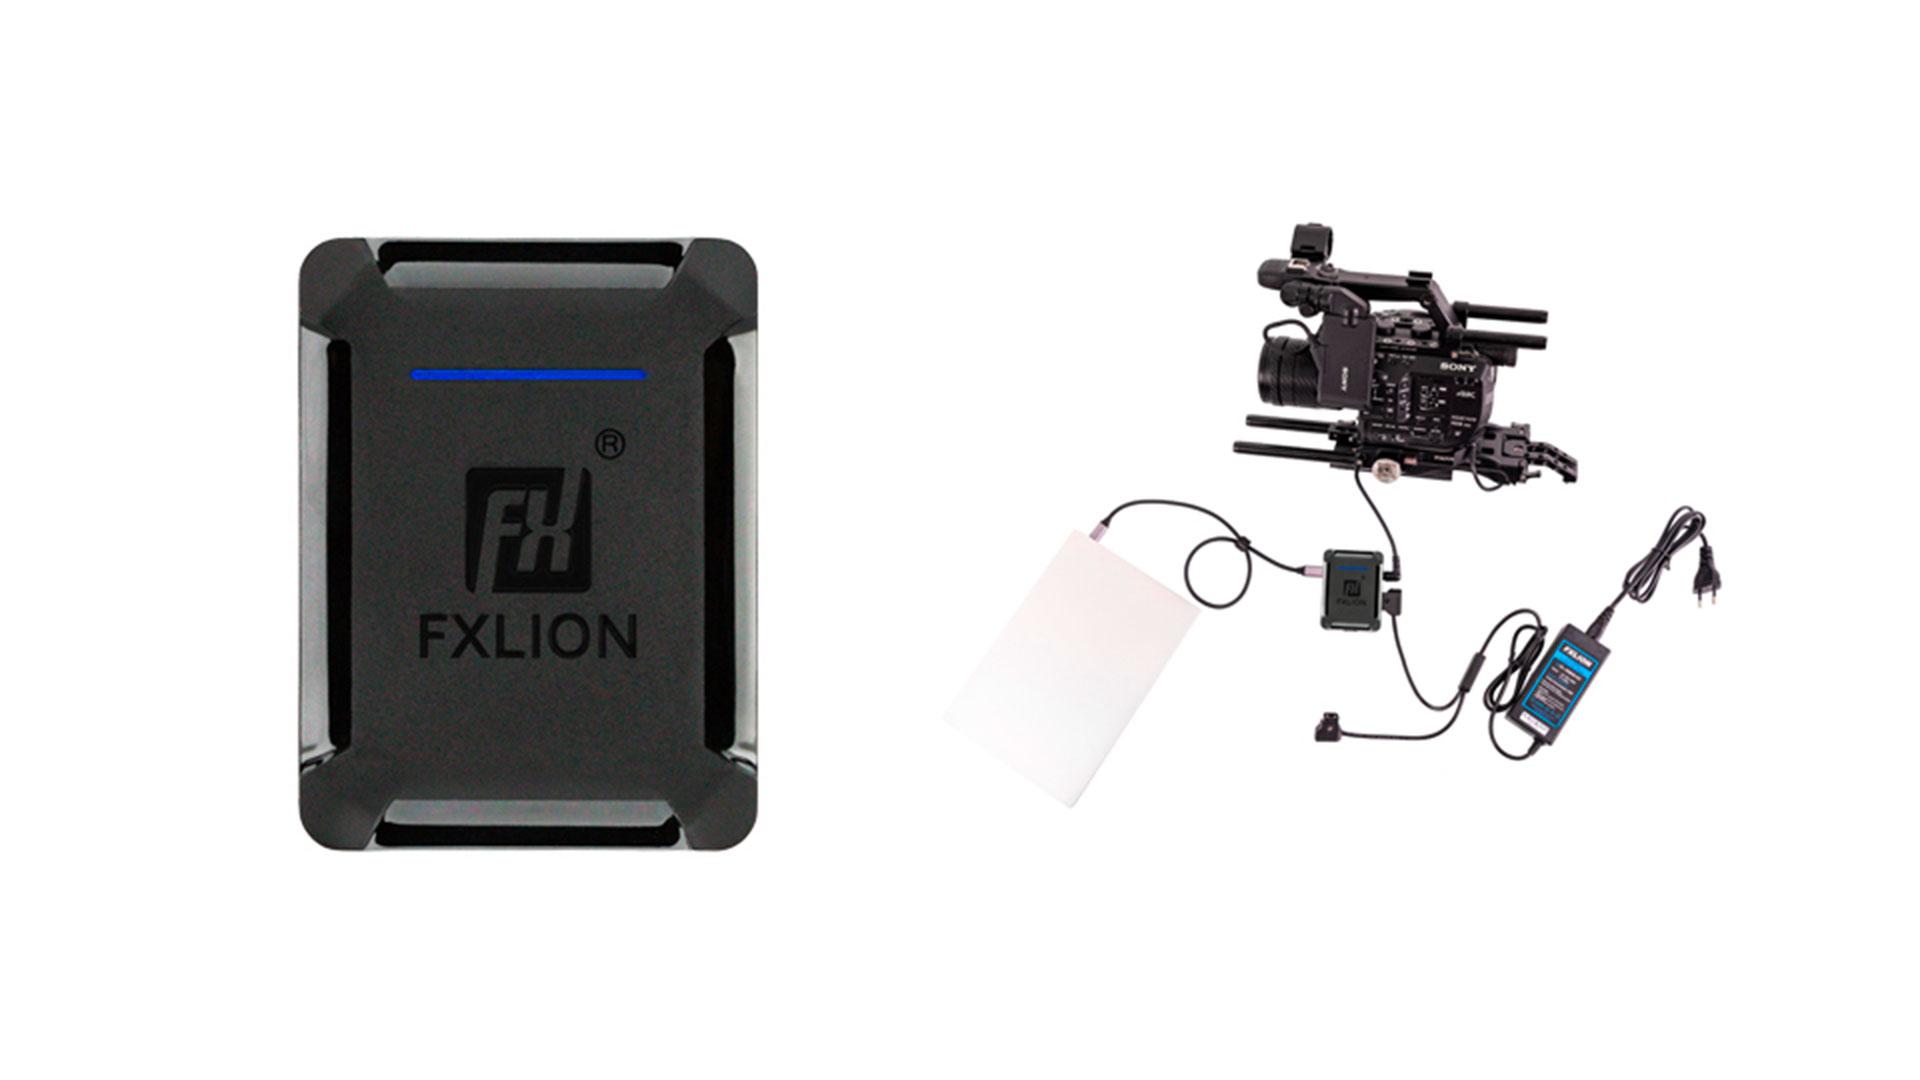 FxlionがNANOHUBを発表 - コンパクトな電源ハブ